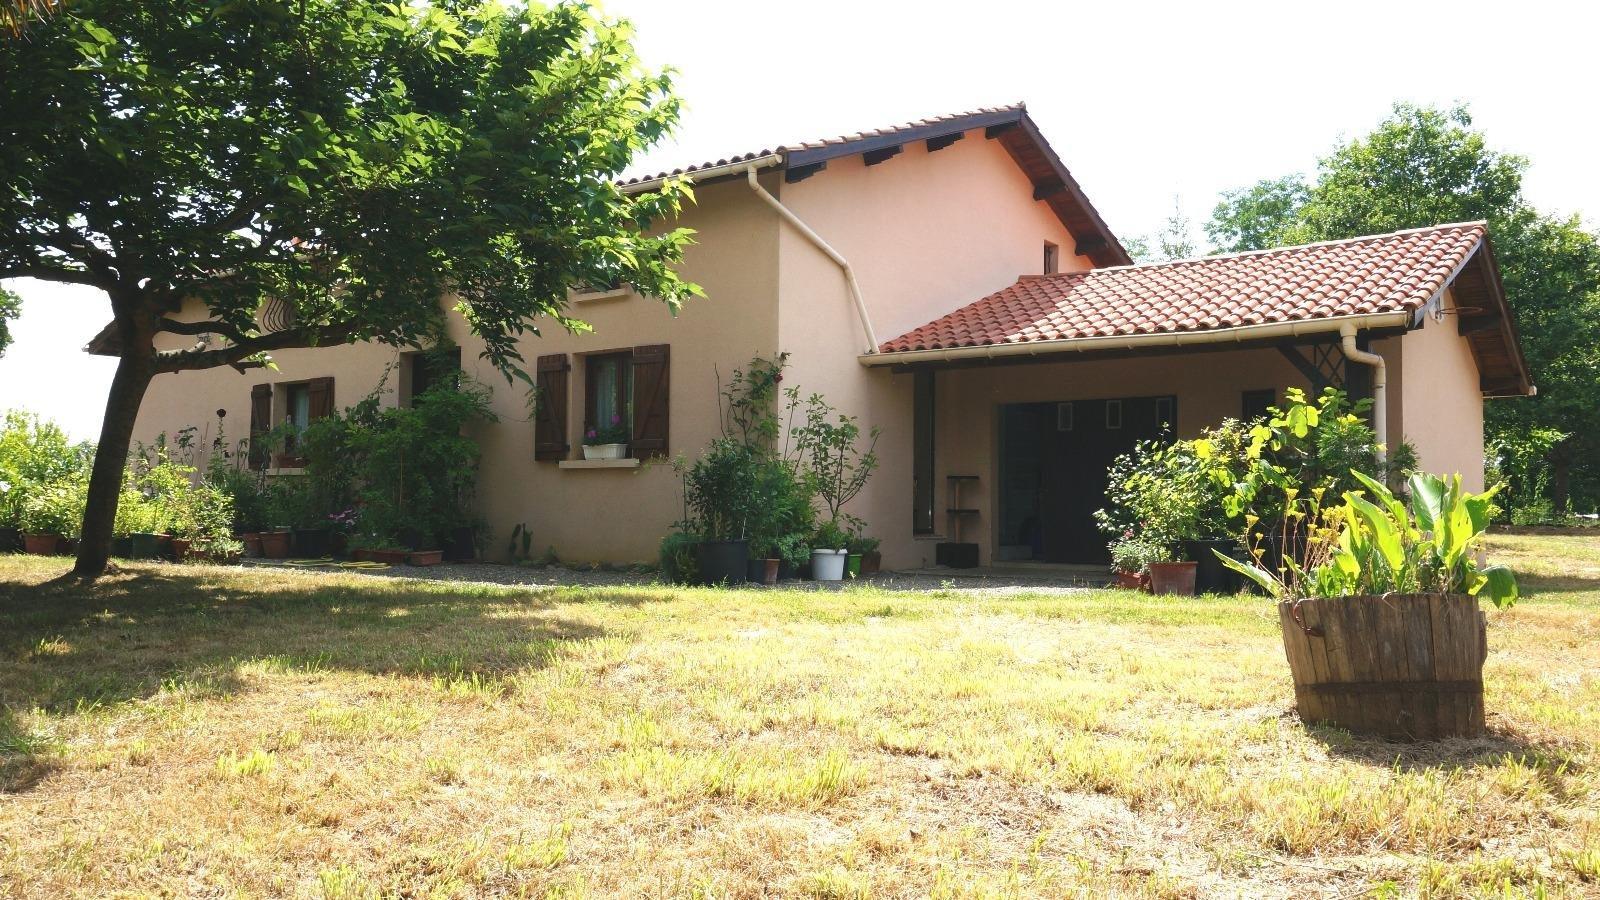 Vente maison/villa 3 pièces riscle 32400